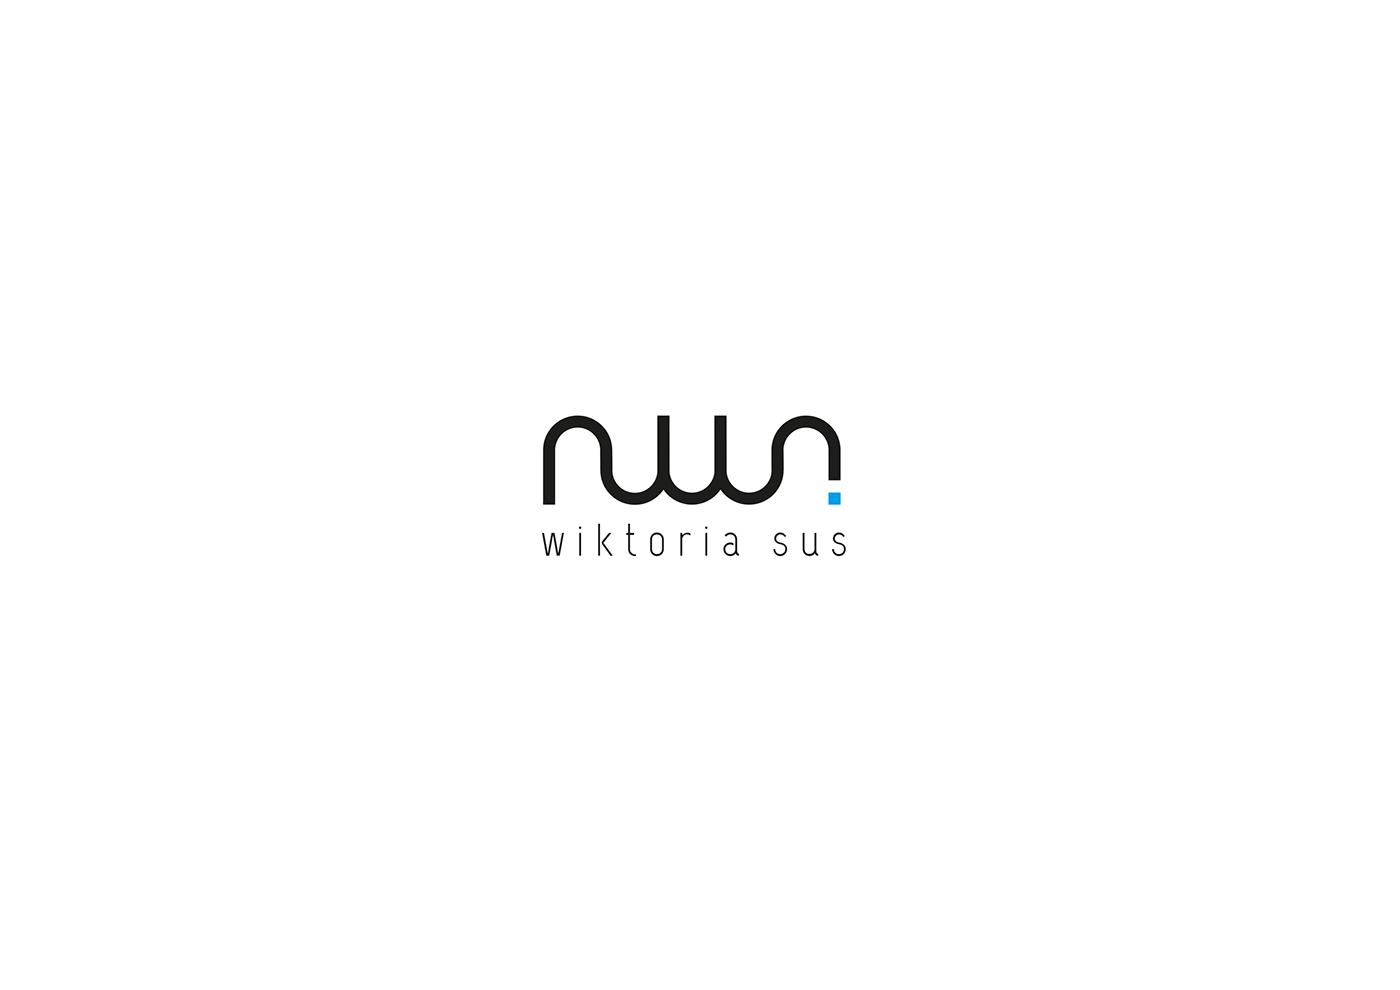 有創意感的24張企業logo欣賞